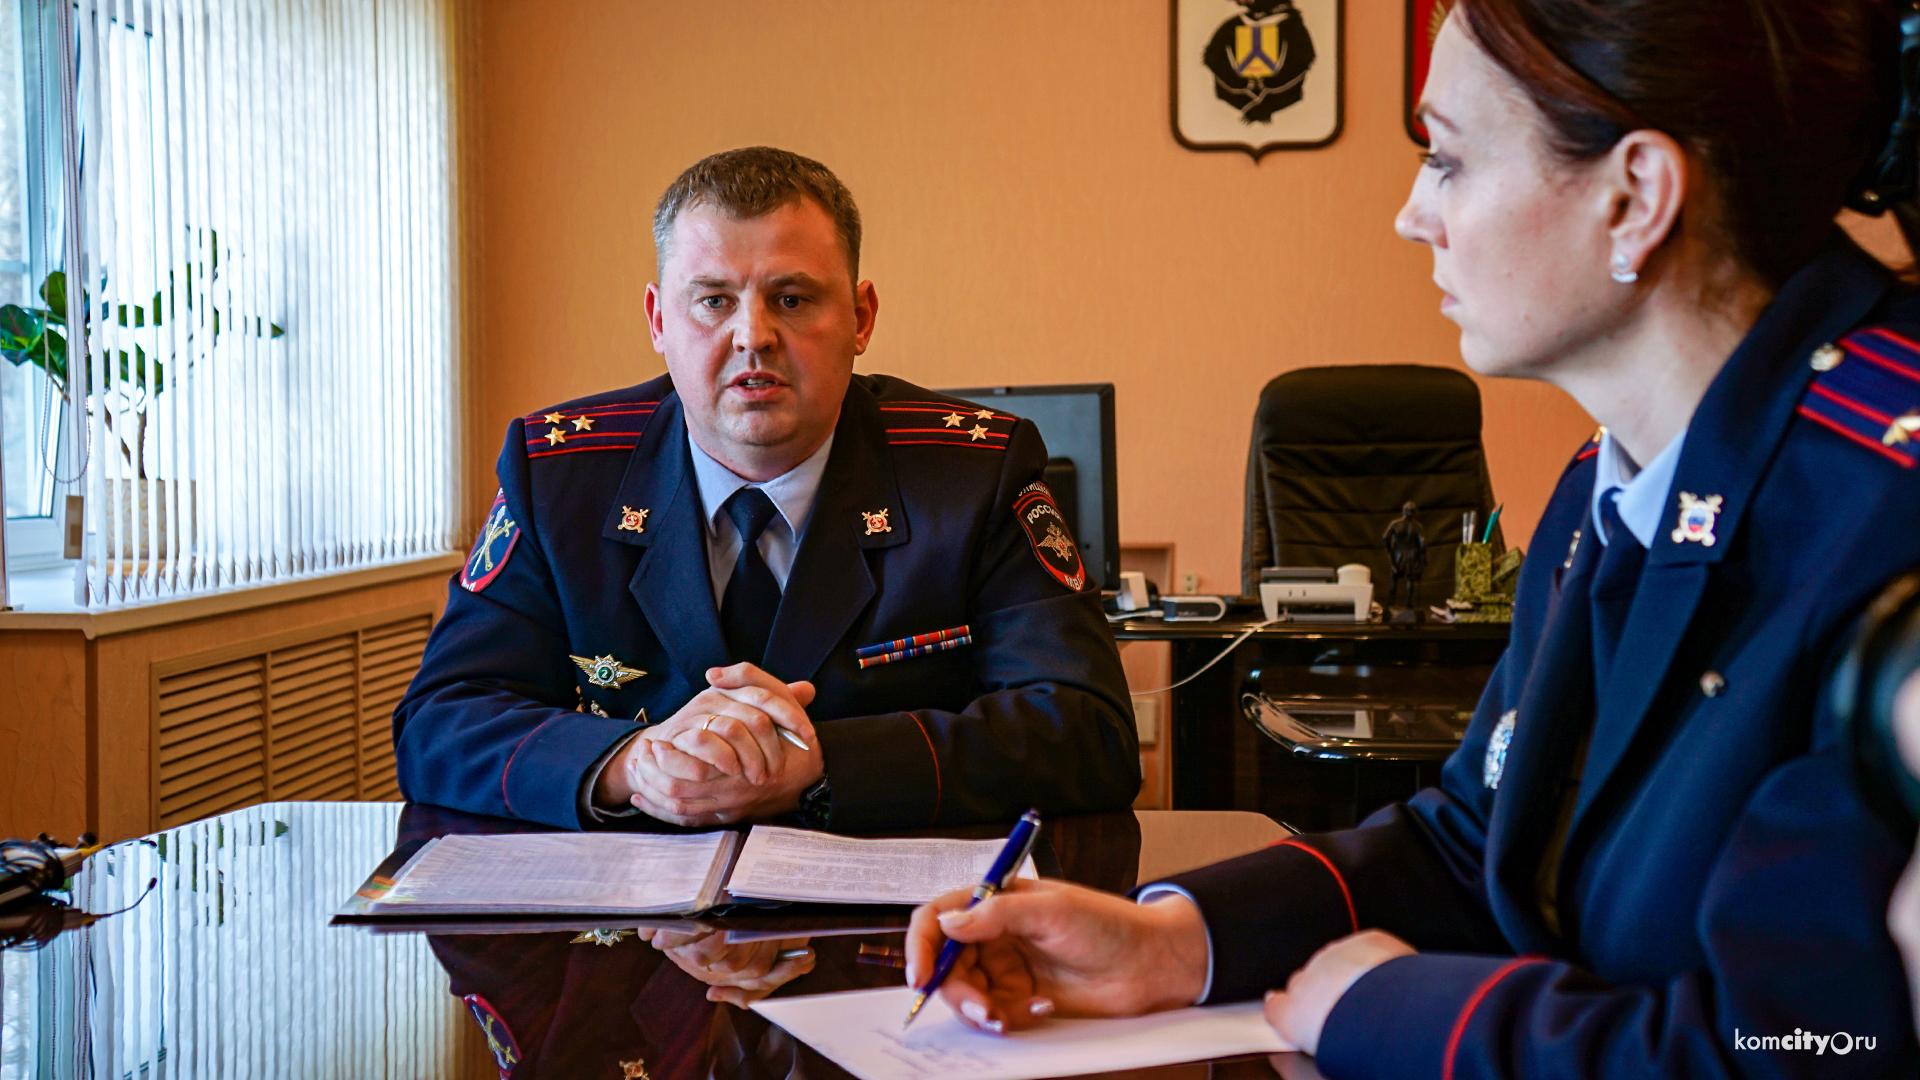 За год преступлений в Комсомольске-на-Амуре стало больше почти на 10%